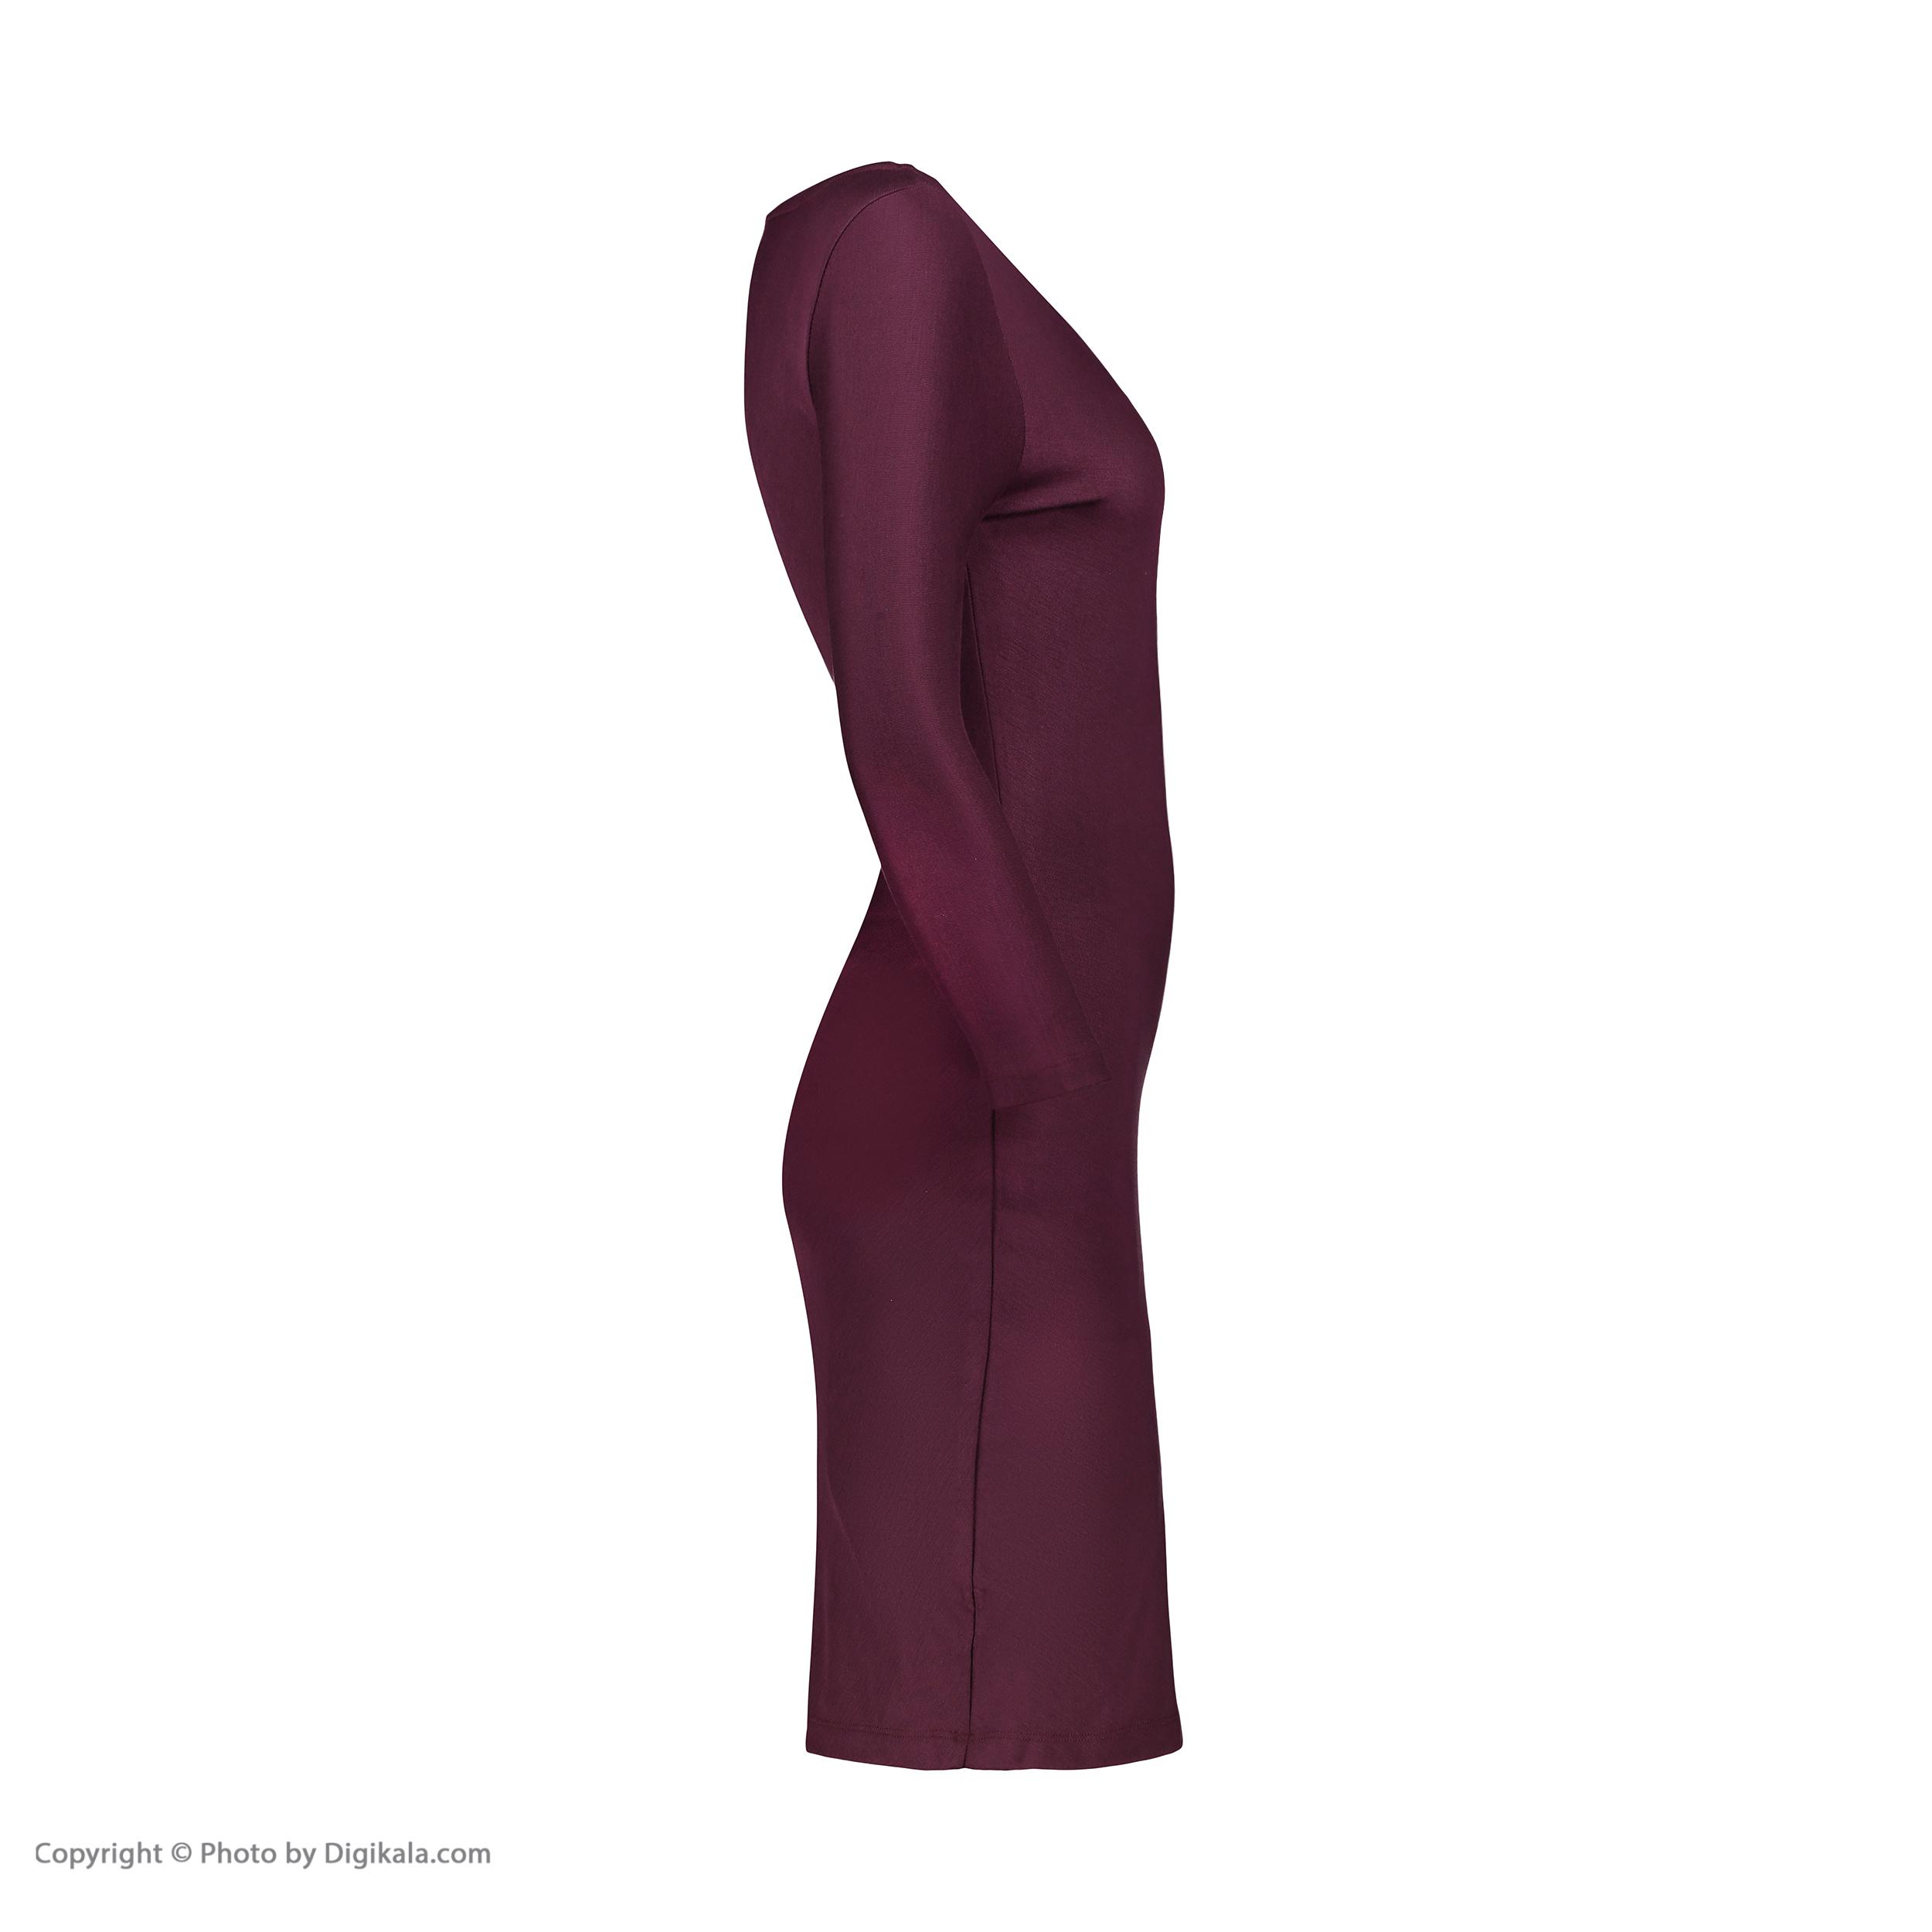 پیراهن زنانه آرمانی اکسچنج مدل 8NYACBYJB3Z-1715